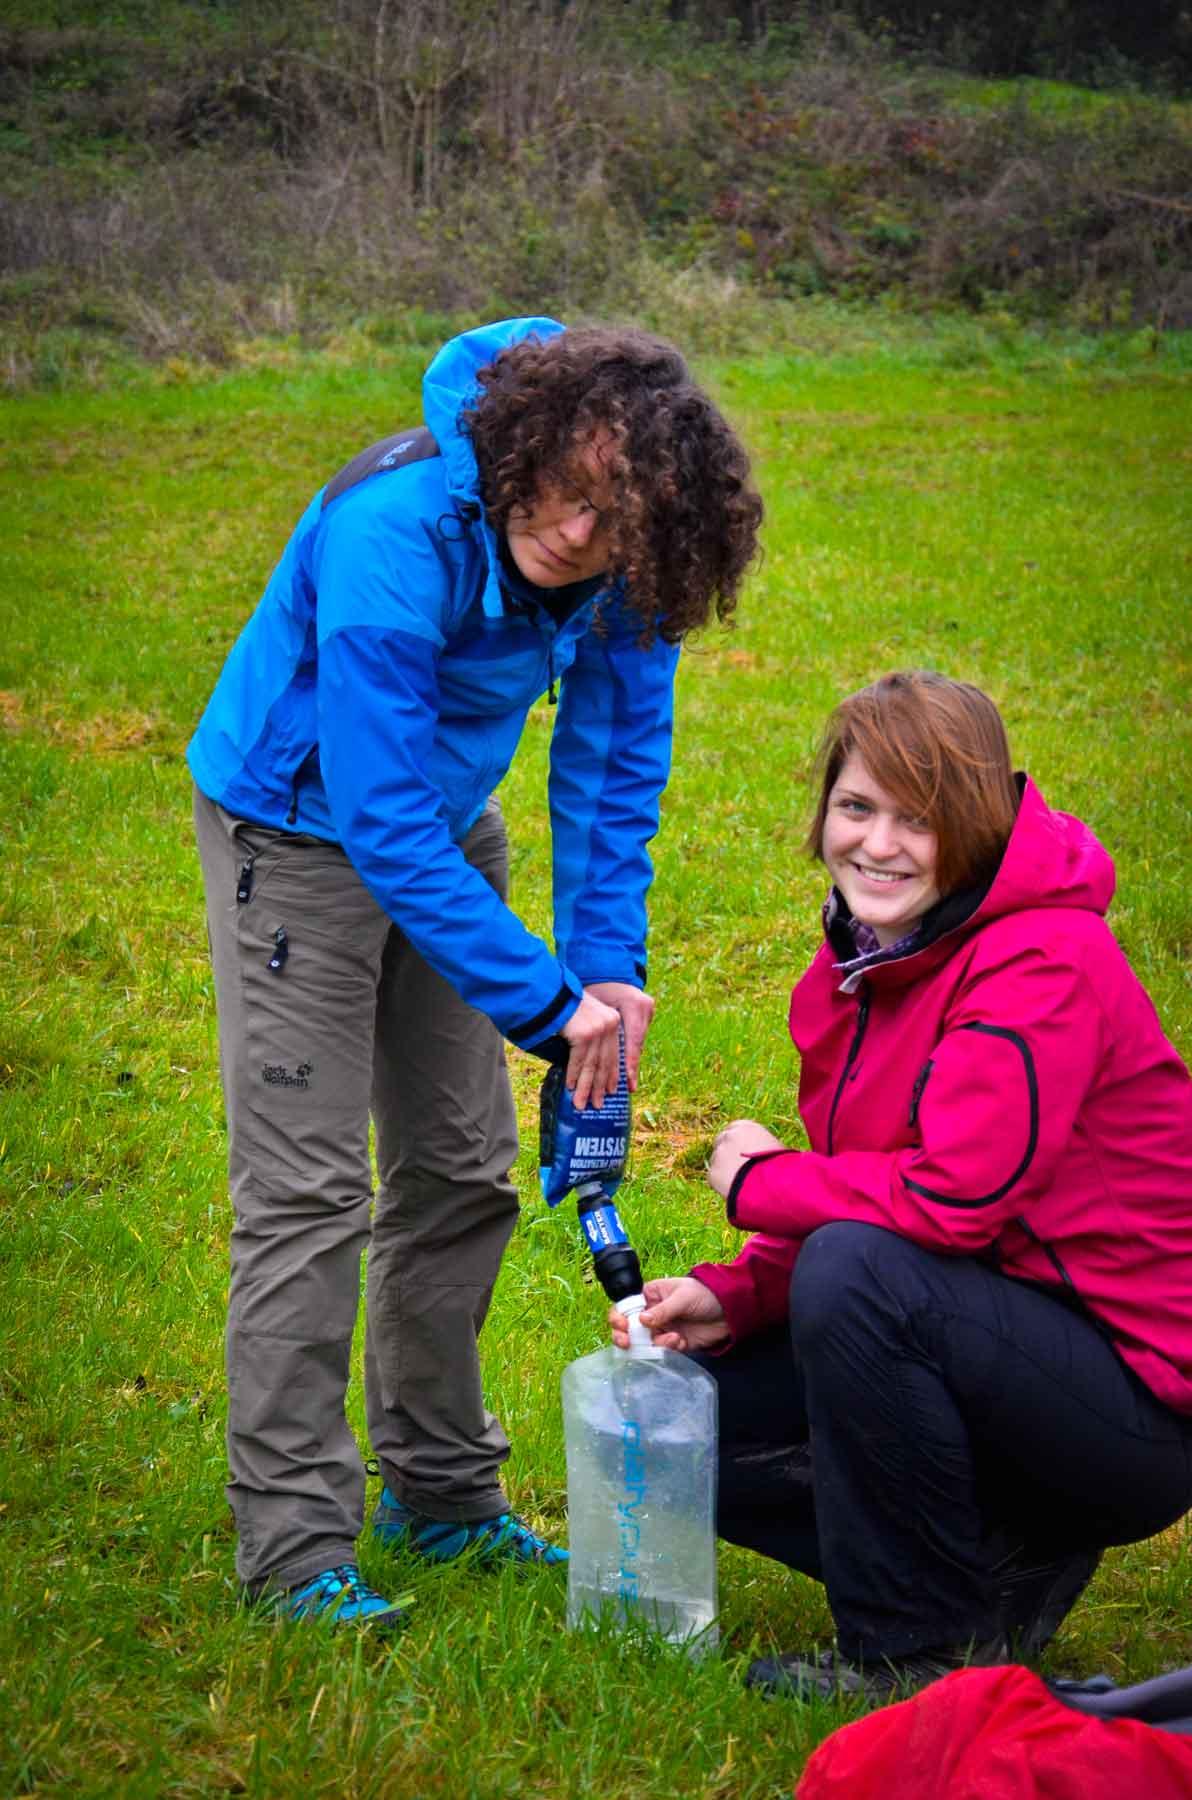 Trekking Guide Ausbildung Wasserfilter benutzen lernen